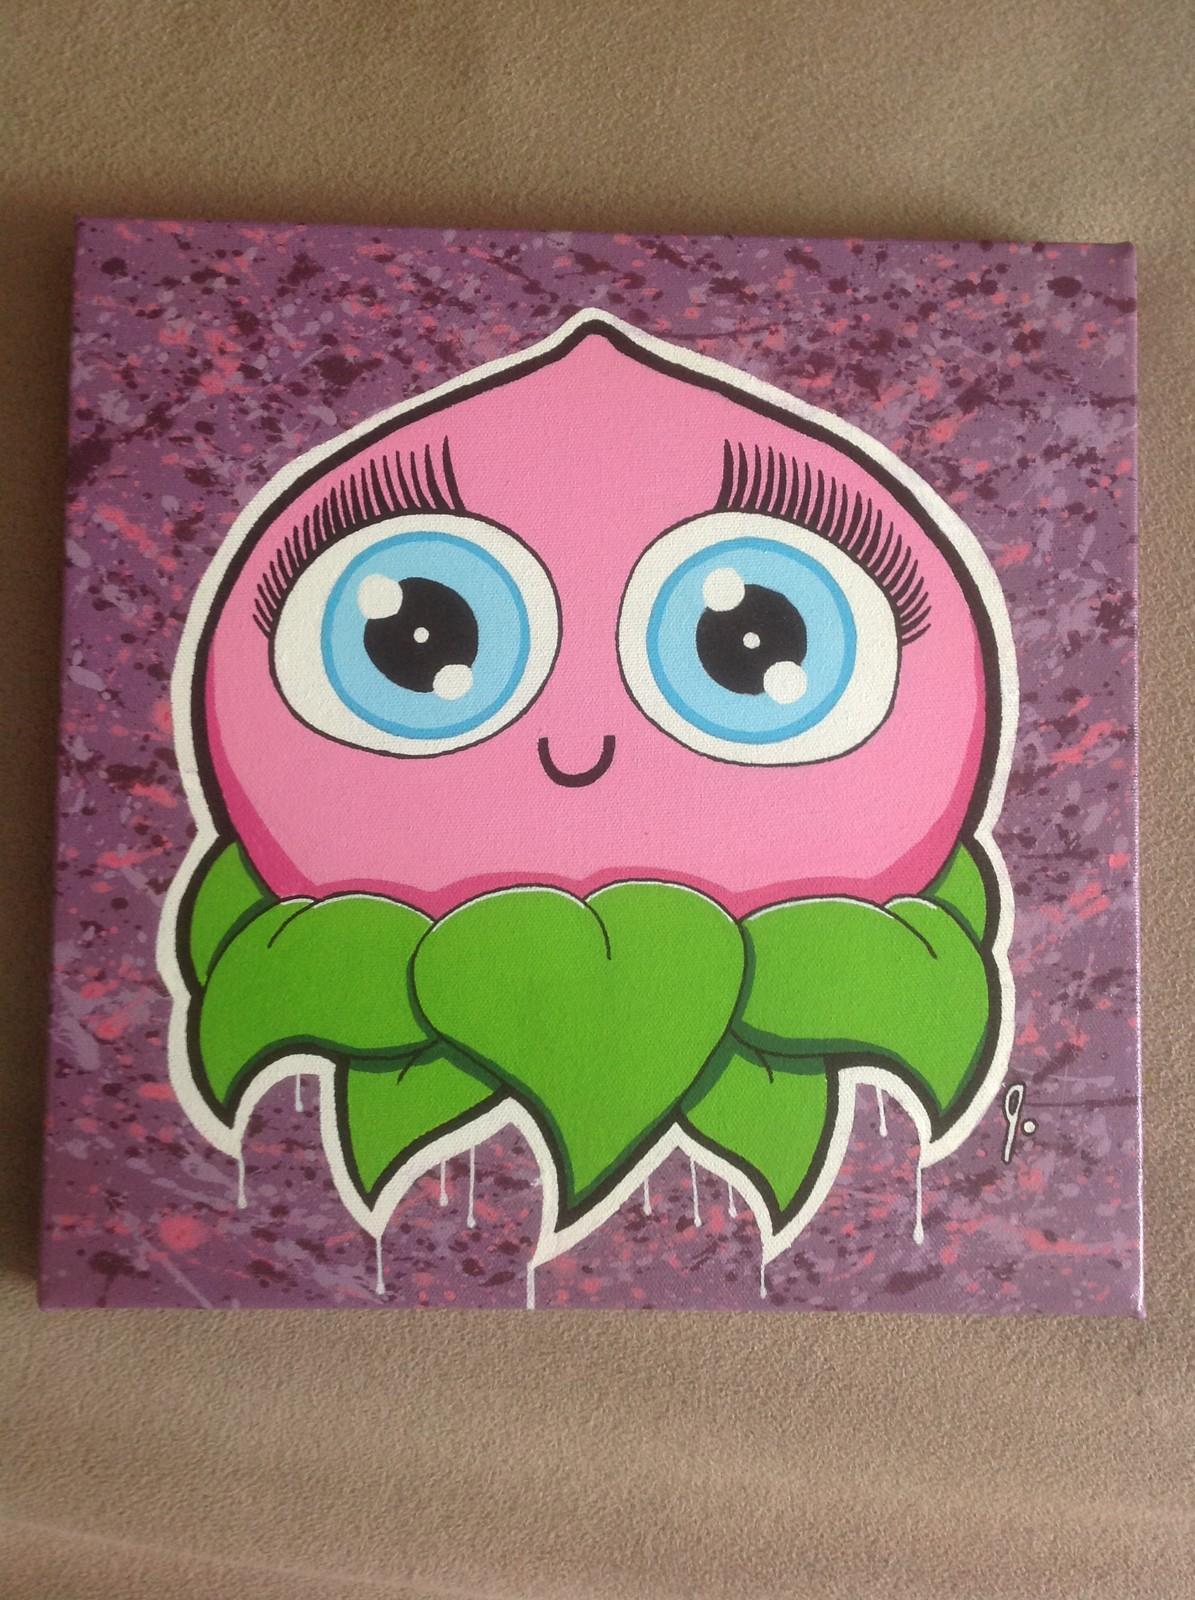 'Pretty Peach' 12x12 canvas Status: For Sale